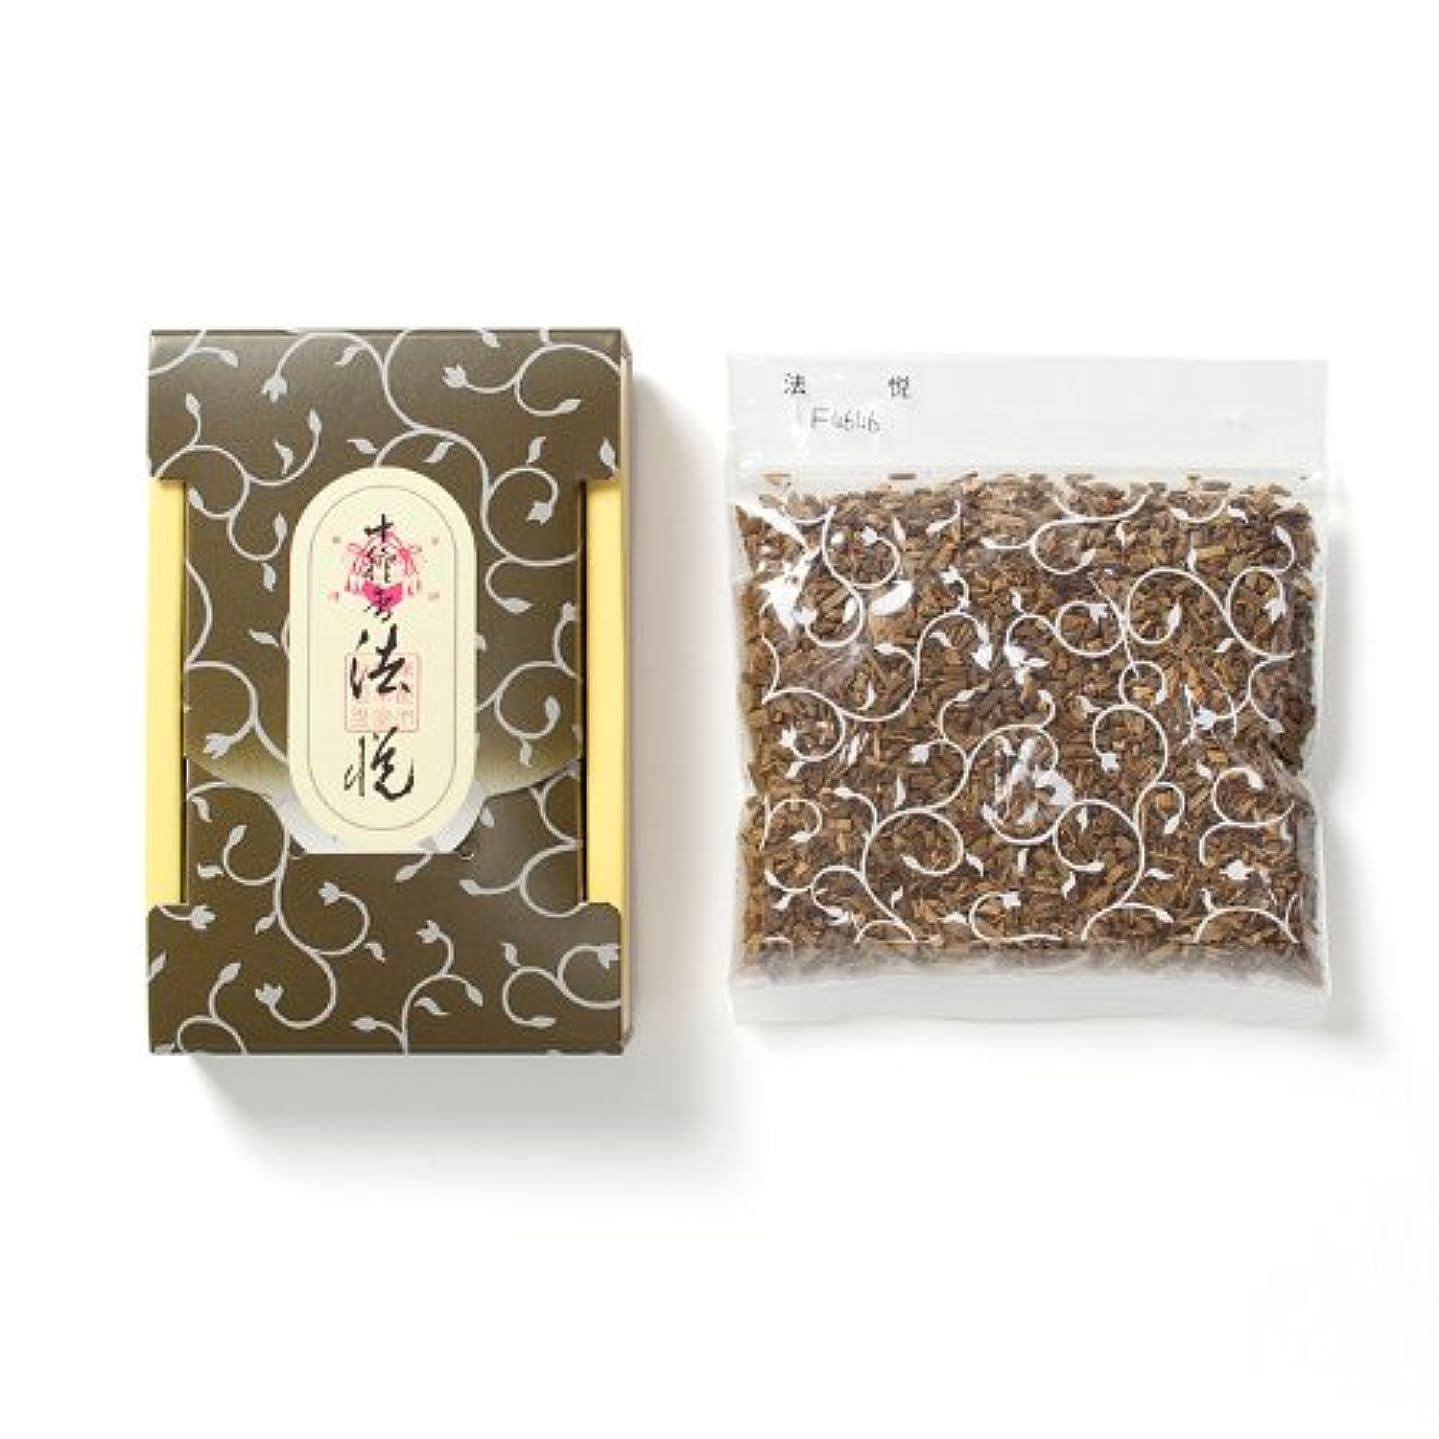 工場突破口背景松栄堂のお焼香 十種香 法悦 25g詰 小箱入 #411041